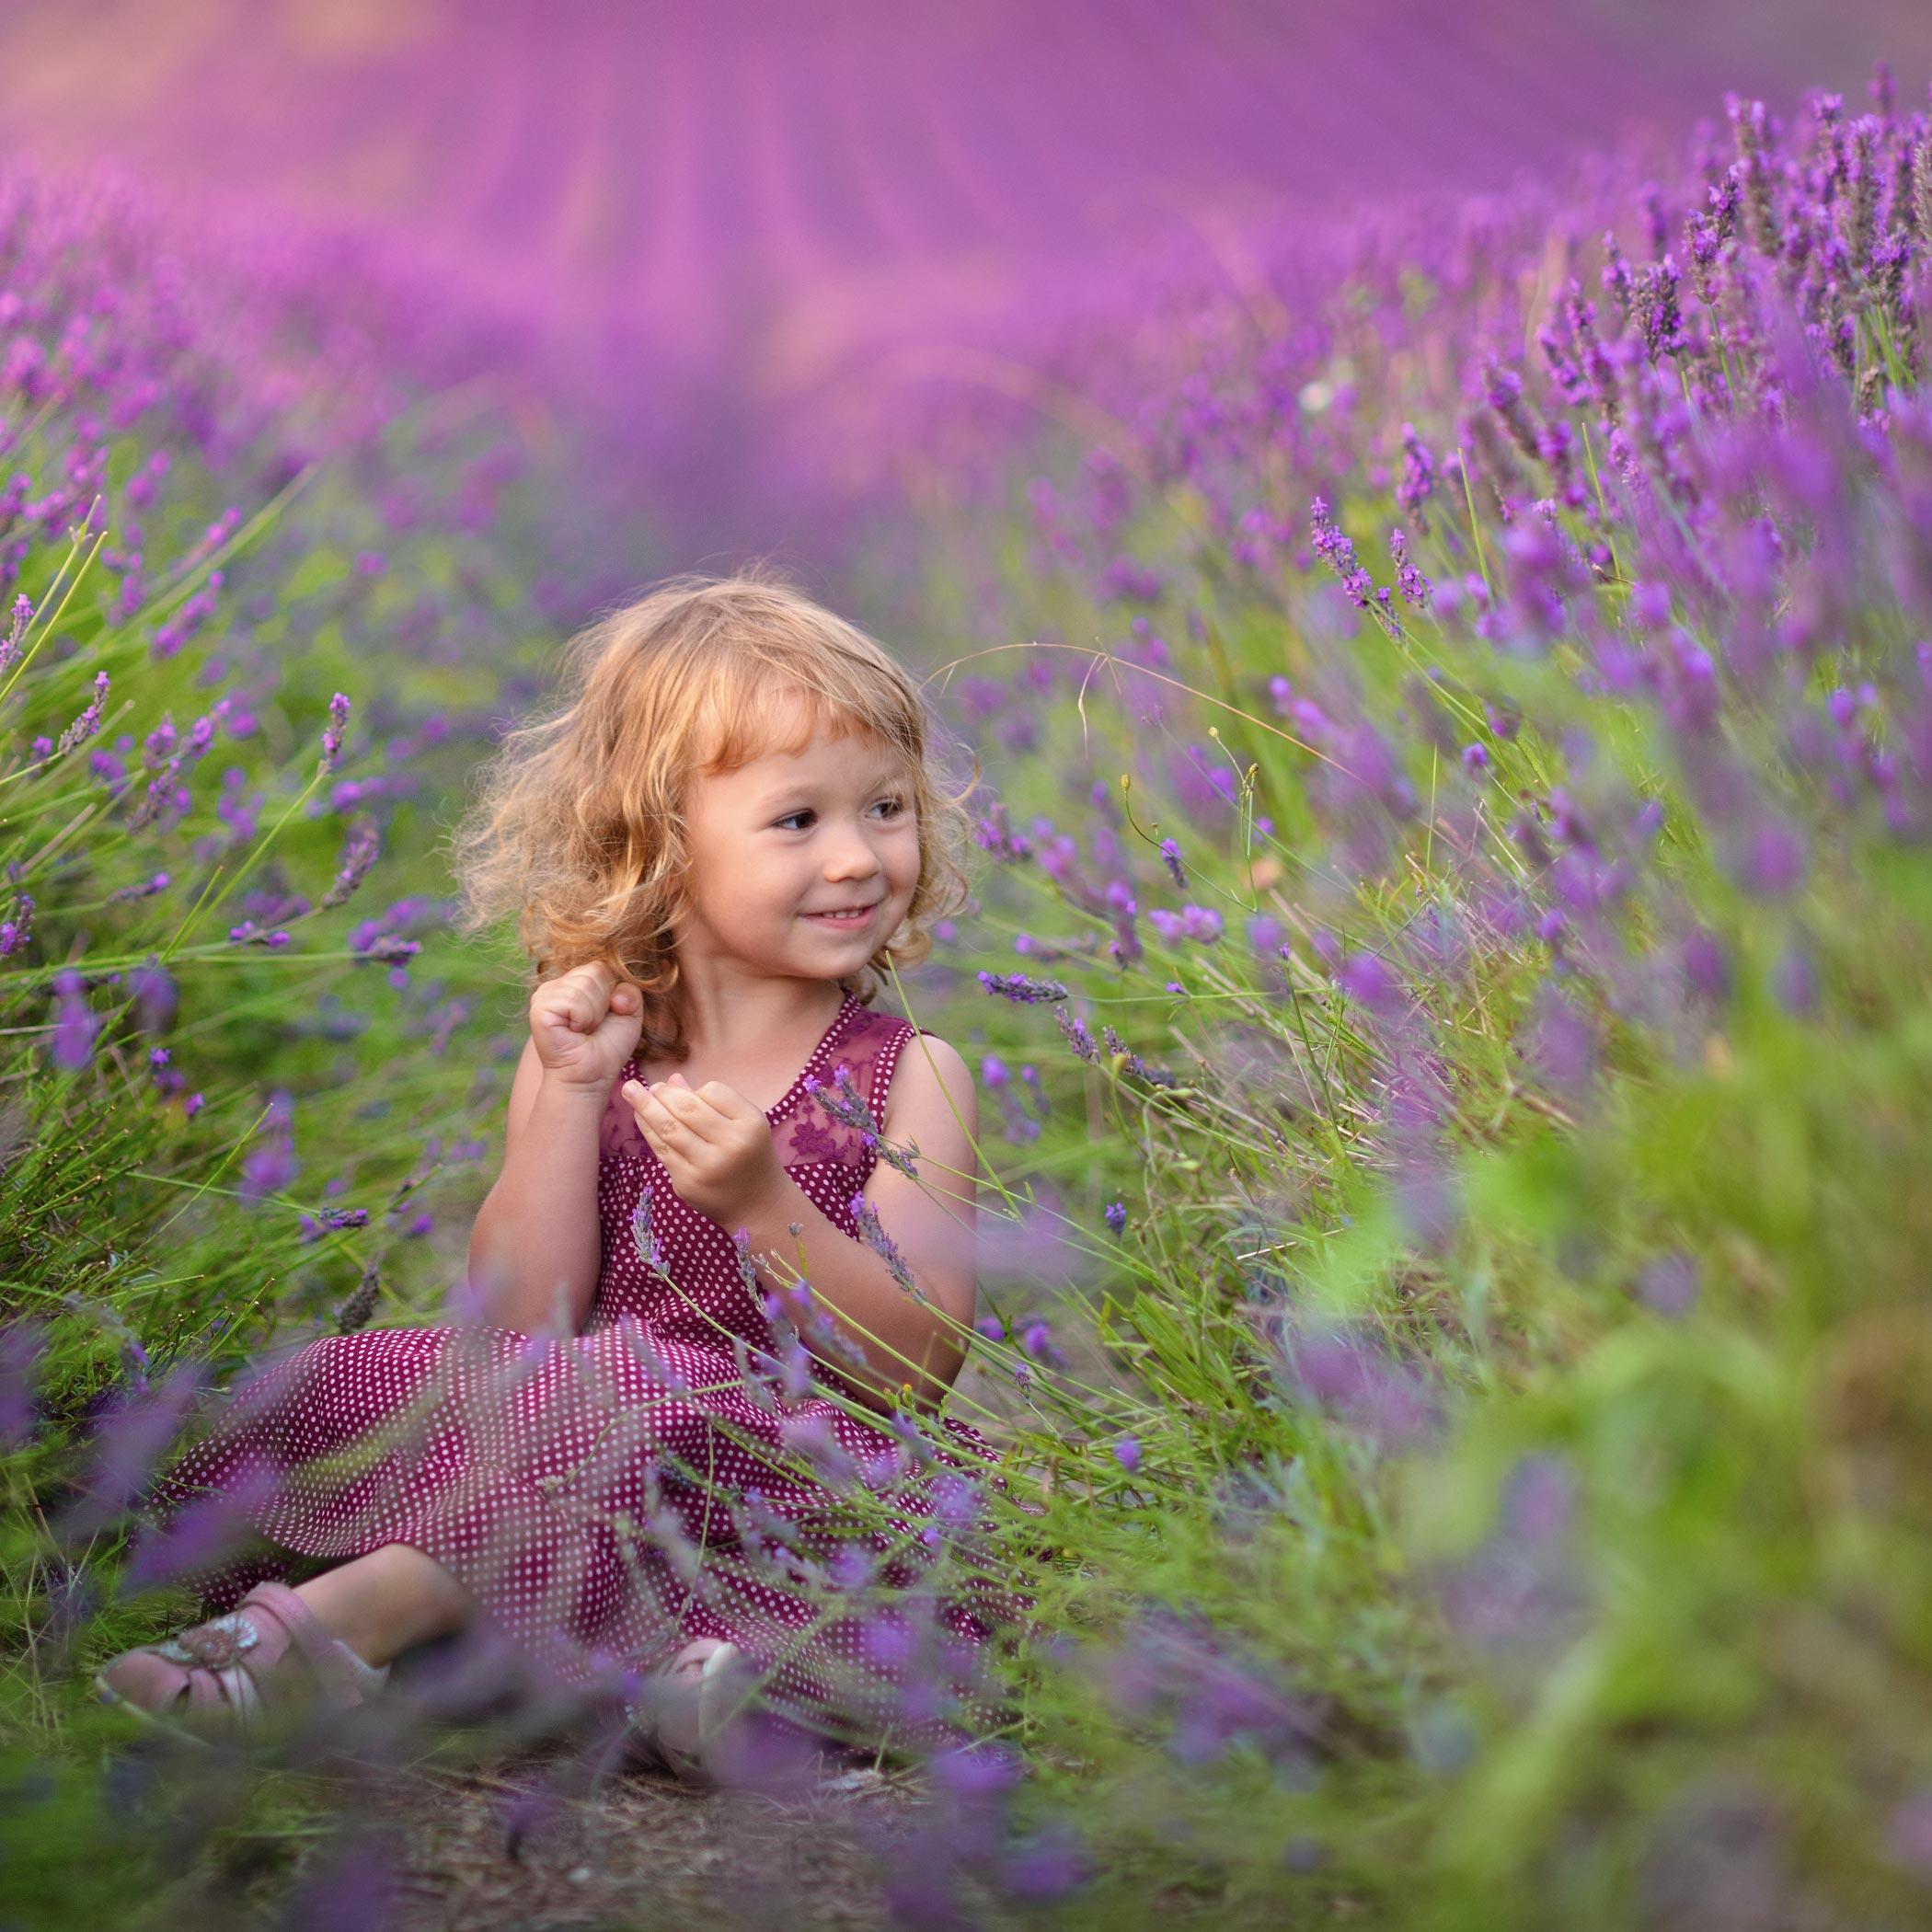 Фото Красивая милая девочка, улыбающаяся, сидит в поле лавандовом, by Dimka Ganeva